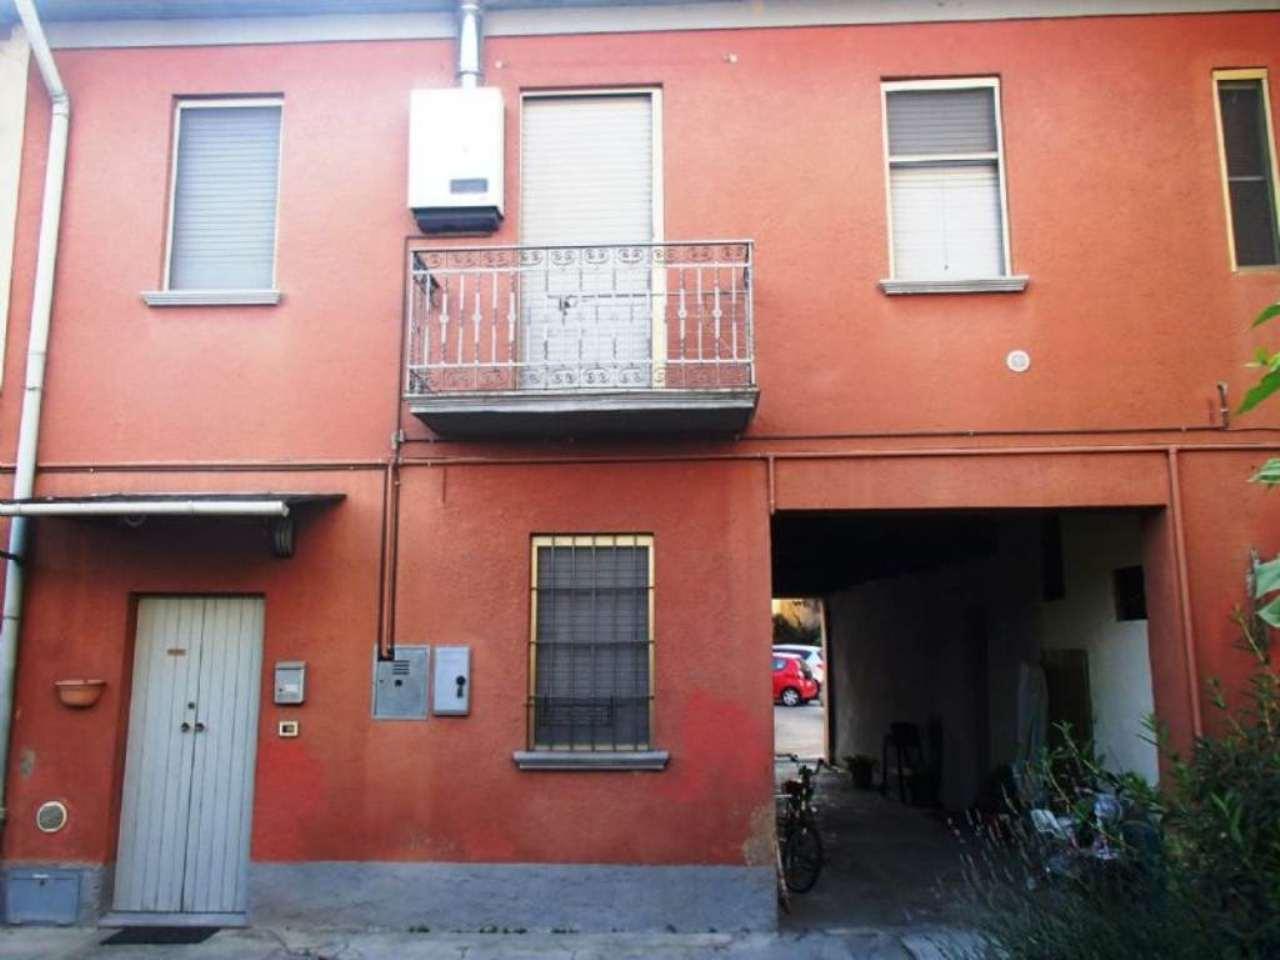 Appartamento in vendita a Landriano, 3 locali, prezzo € 68.000 | CambioCasa.it